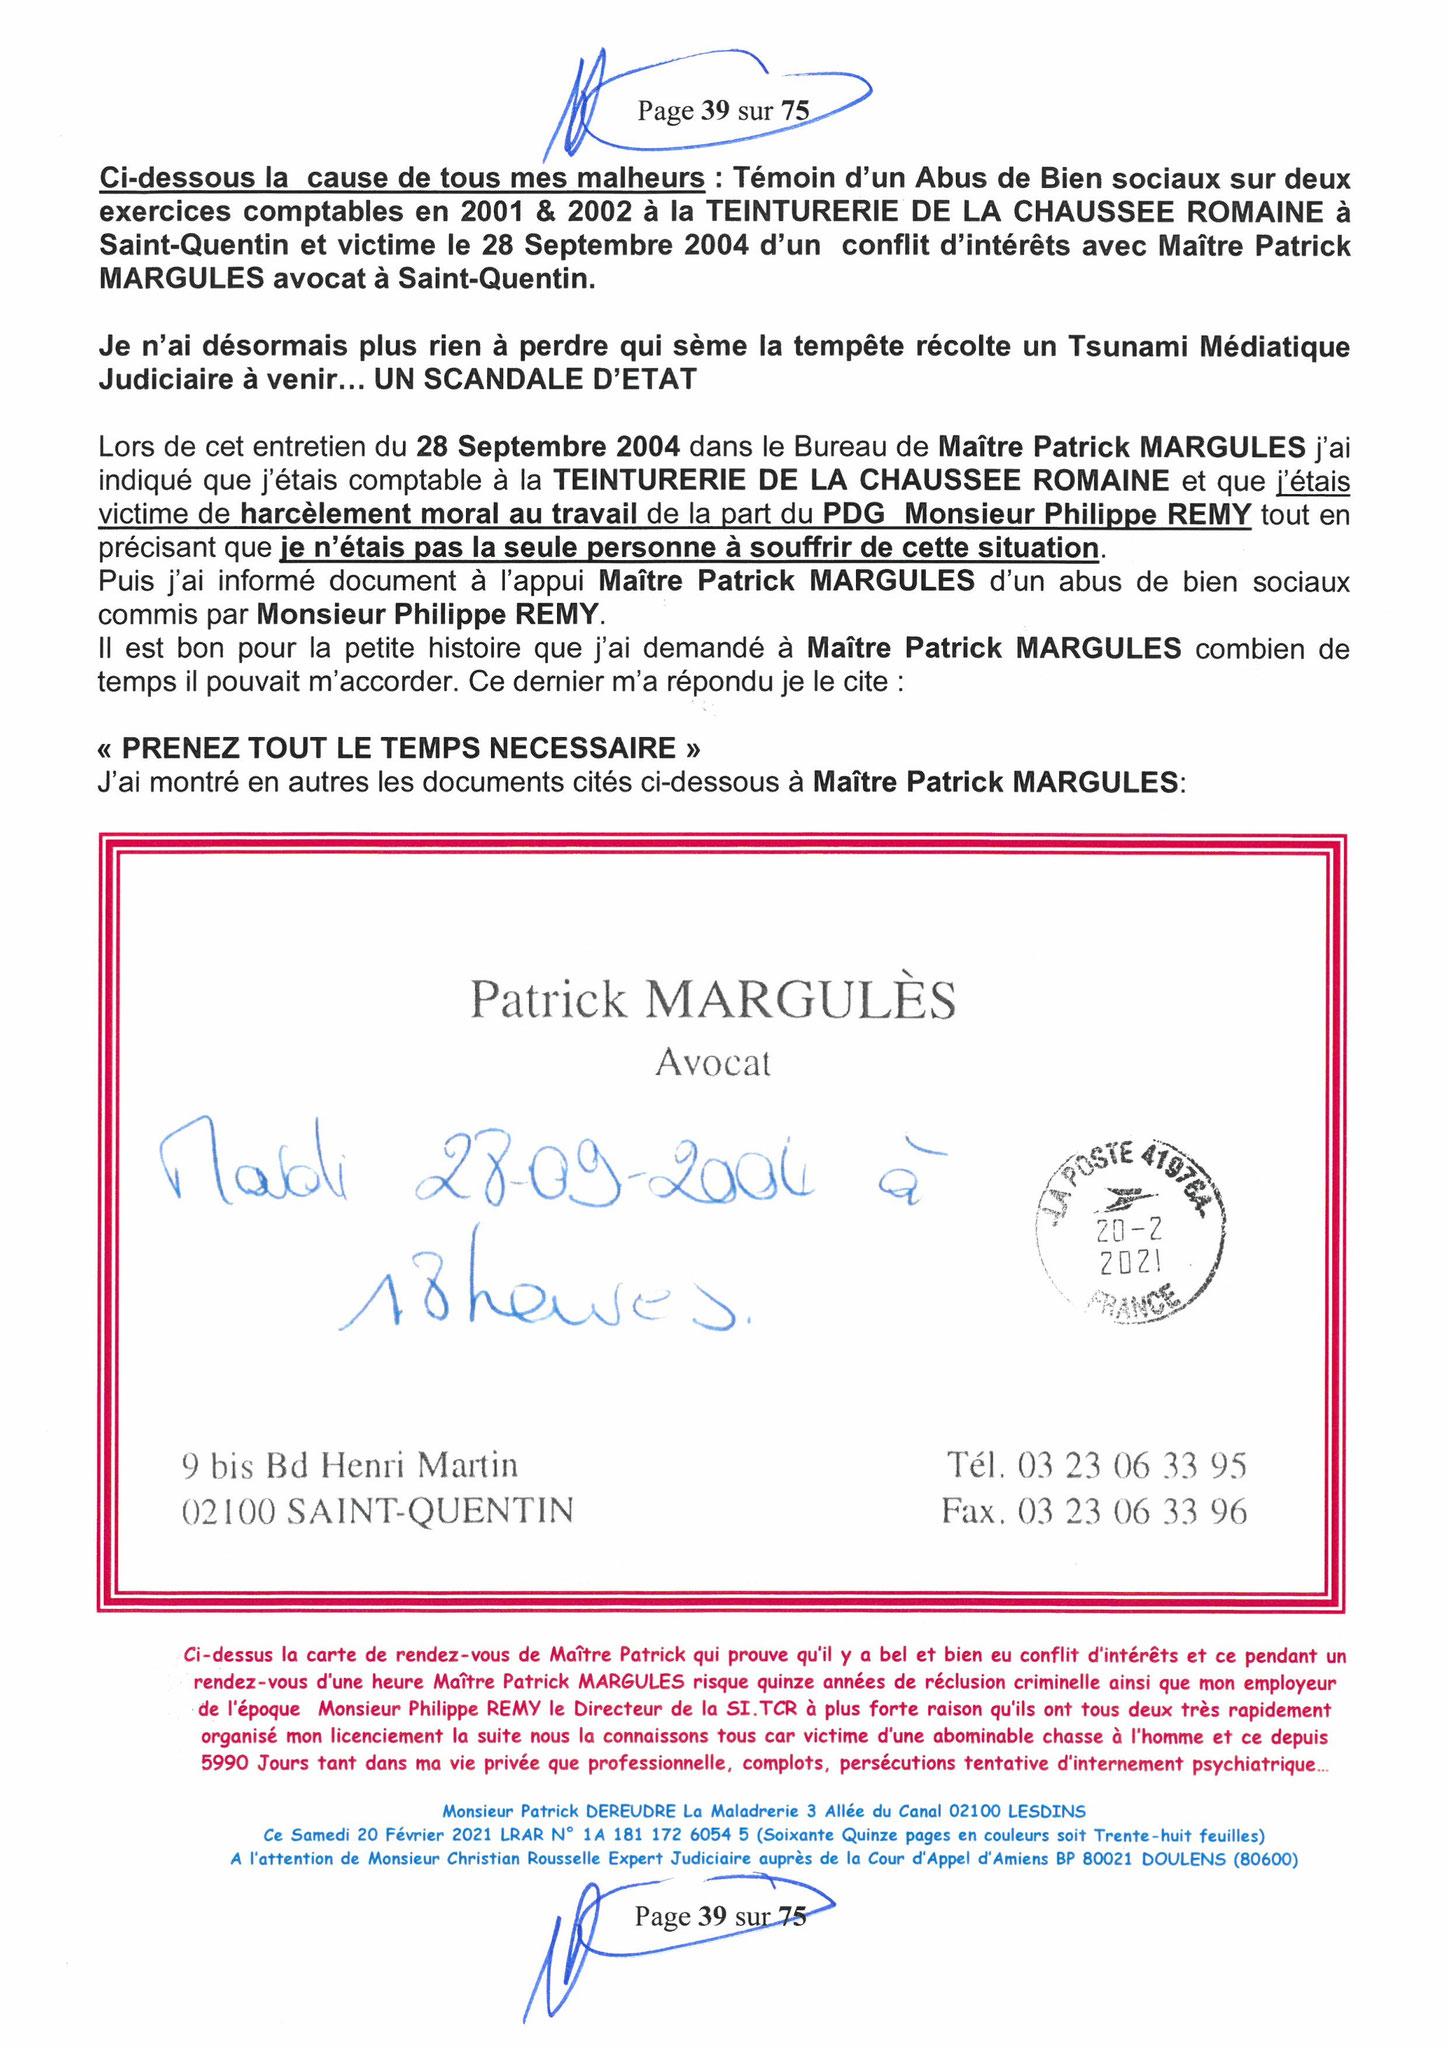 Page 39 Ma  Lettre Recommandée à Monsieur Christian ROUSSELLE Expert Judiciaire auprès de la Cour d'Appel d'Amiens Affaire MES CHERS VOISINS nos  www.jenesuispasunchien.fr www.jesuisvictime.fr www.jesuispatrick.fr PARJURE & CORRUPTION JUSTICE REPUBLIQUE